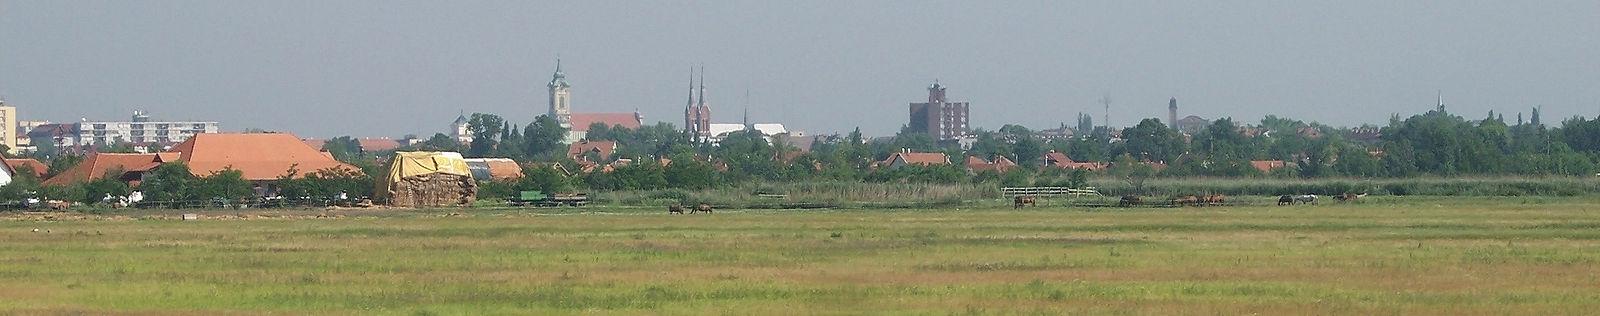 Békéscsaba déli irányból, a vasútról fényképezve